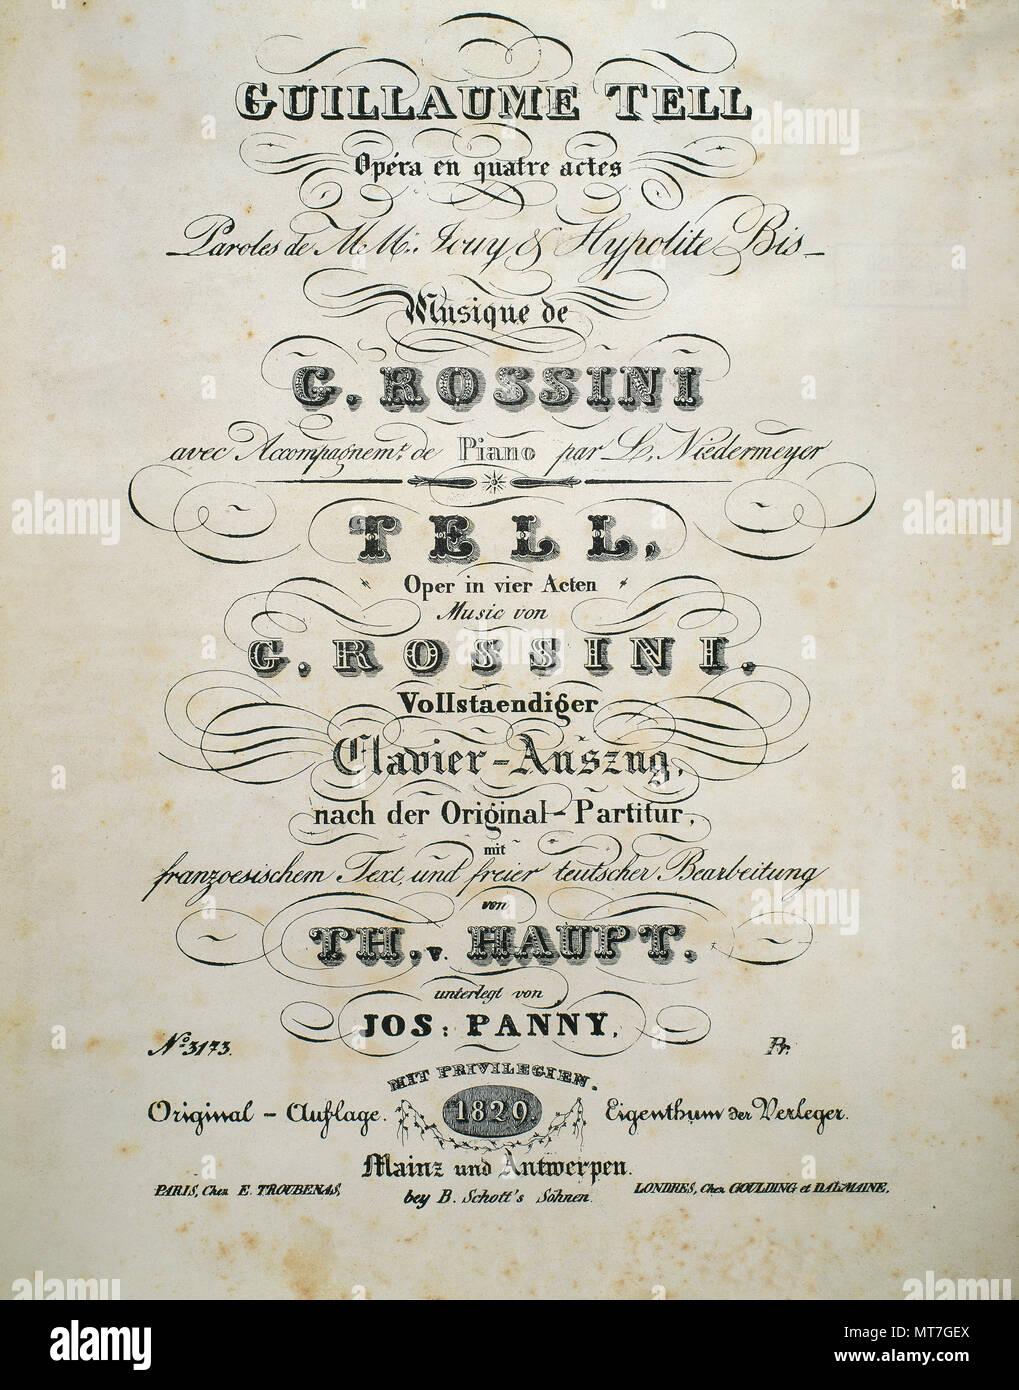 """Gioachino Rossini (Pesaro, 1792 - Paris, 1868). Italienischer Komponist. Abdeckung der Noten der """"Wilhelm Tell"""". Französische Oper in vier Akten. Premiere im Jahr 1829. Stockbild"""